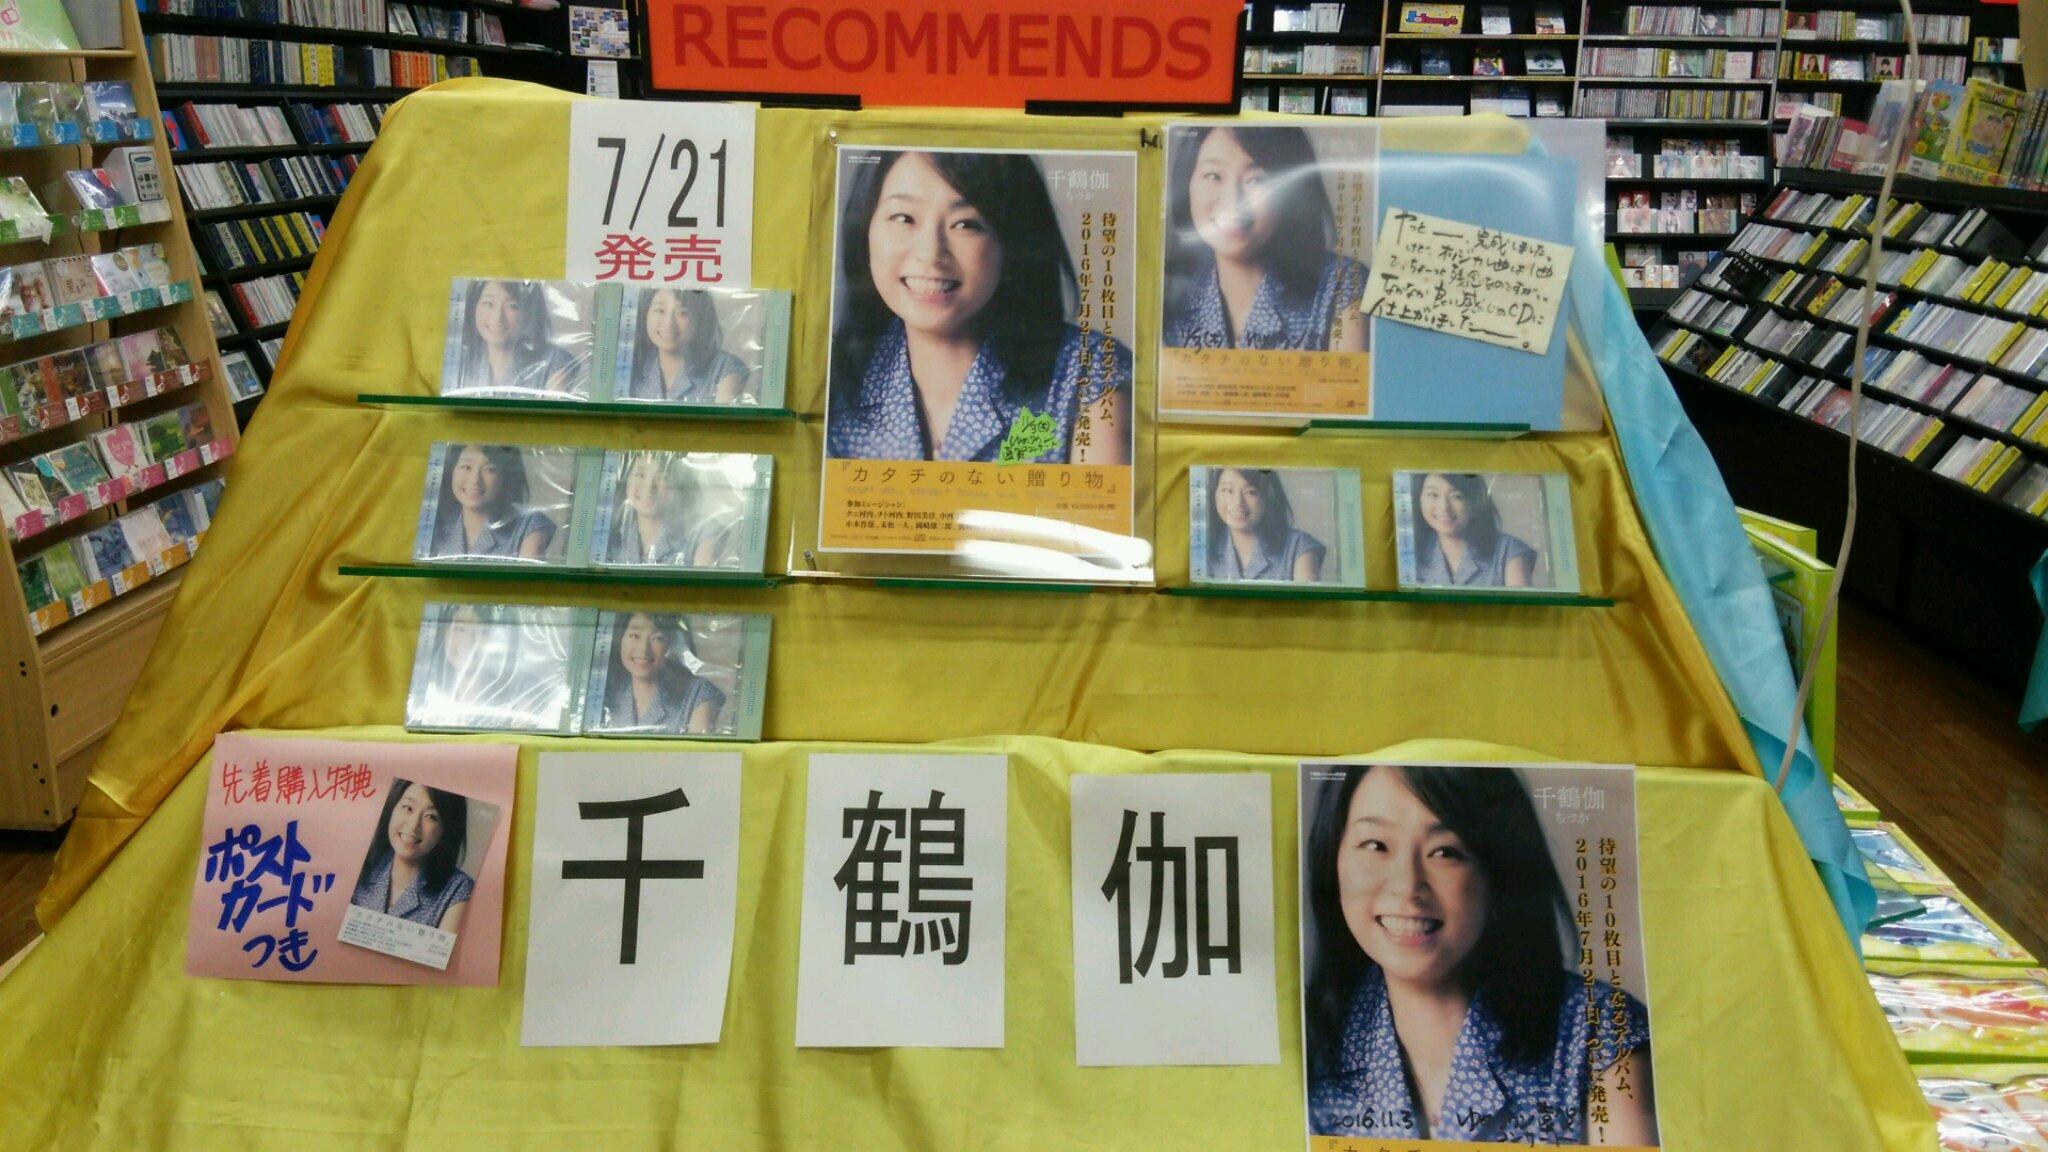 千鶴伽2016年7月21日発売